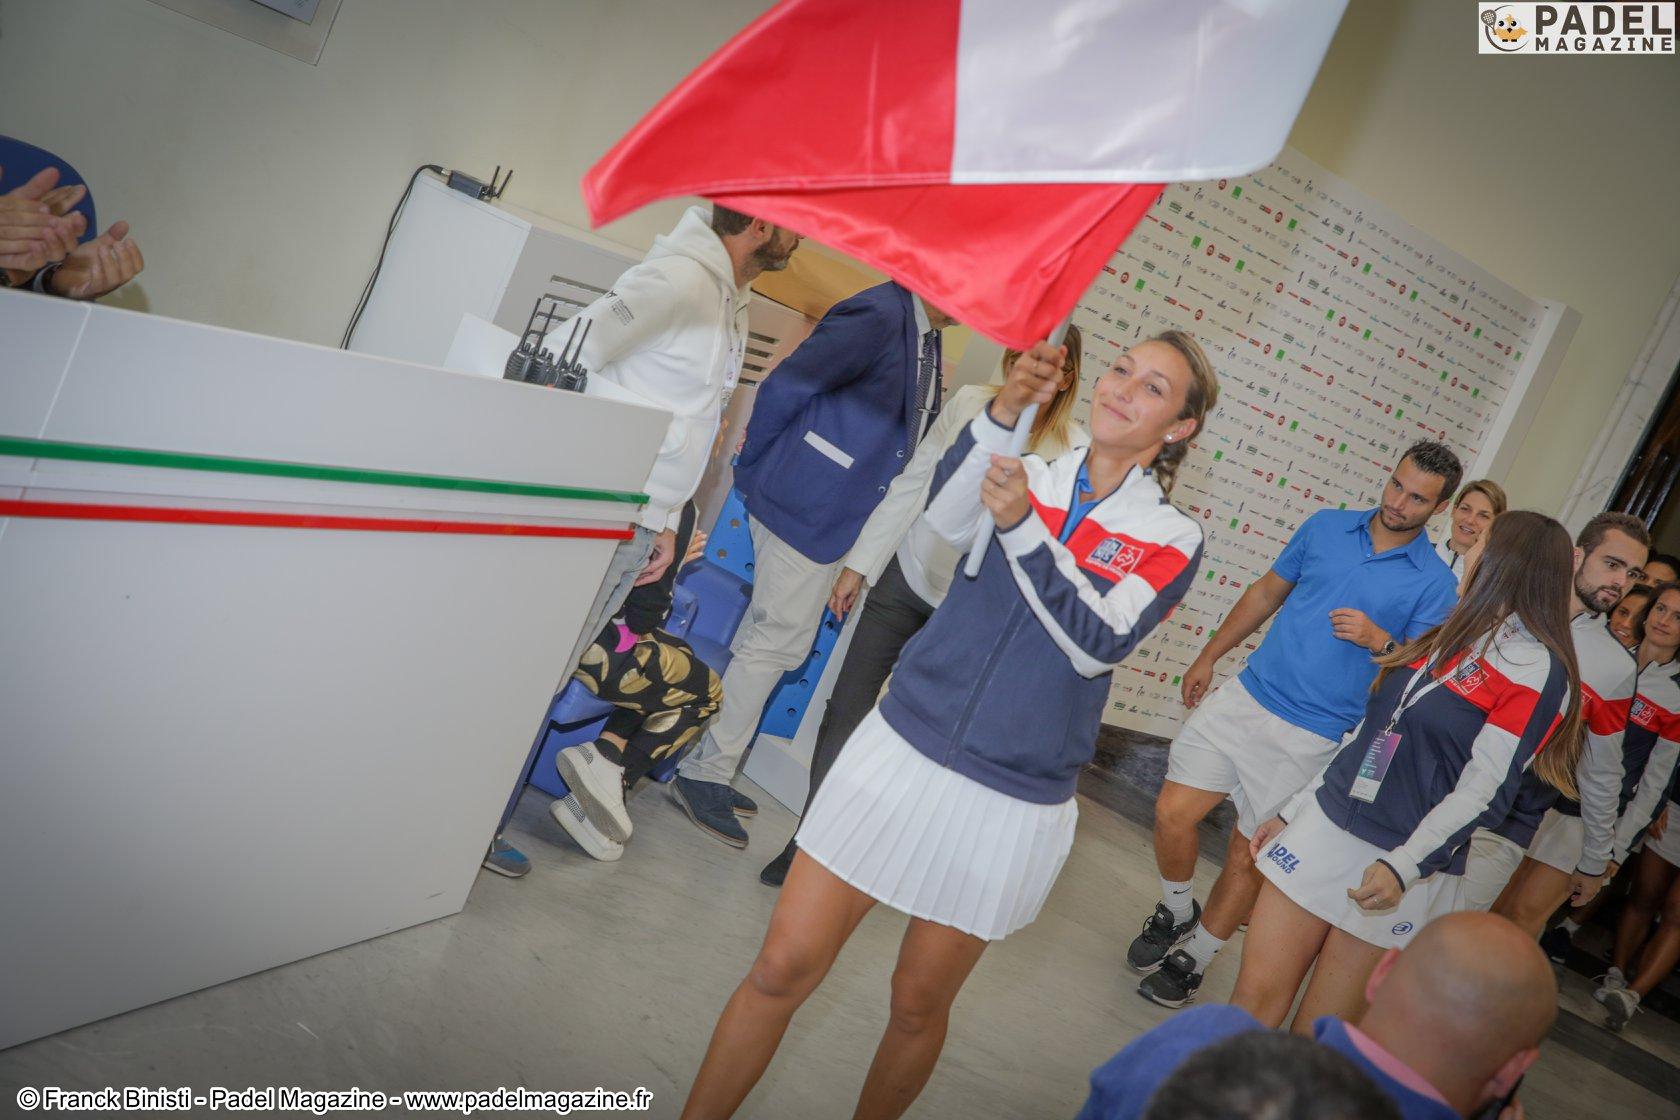 A quand les championnats de France de padel par équipes ?